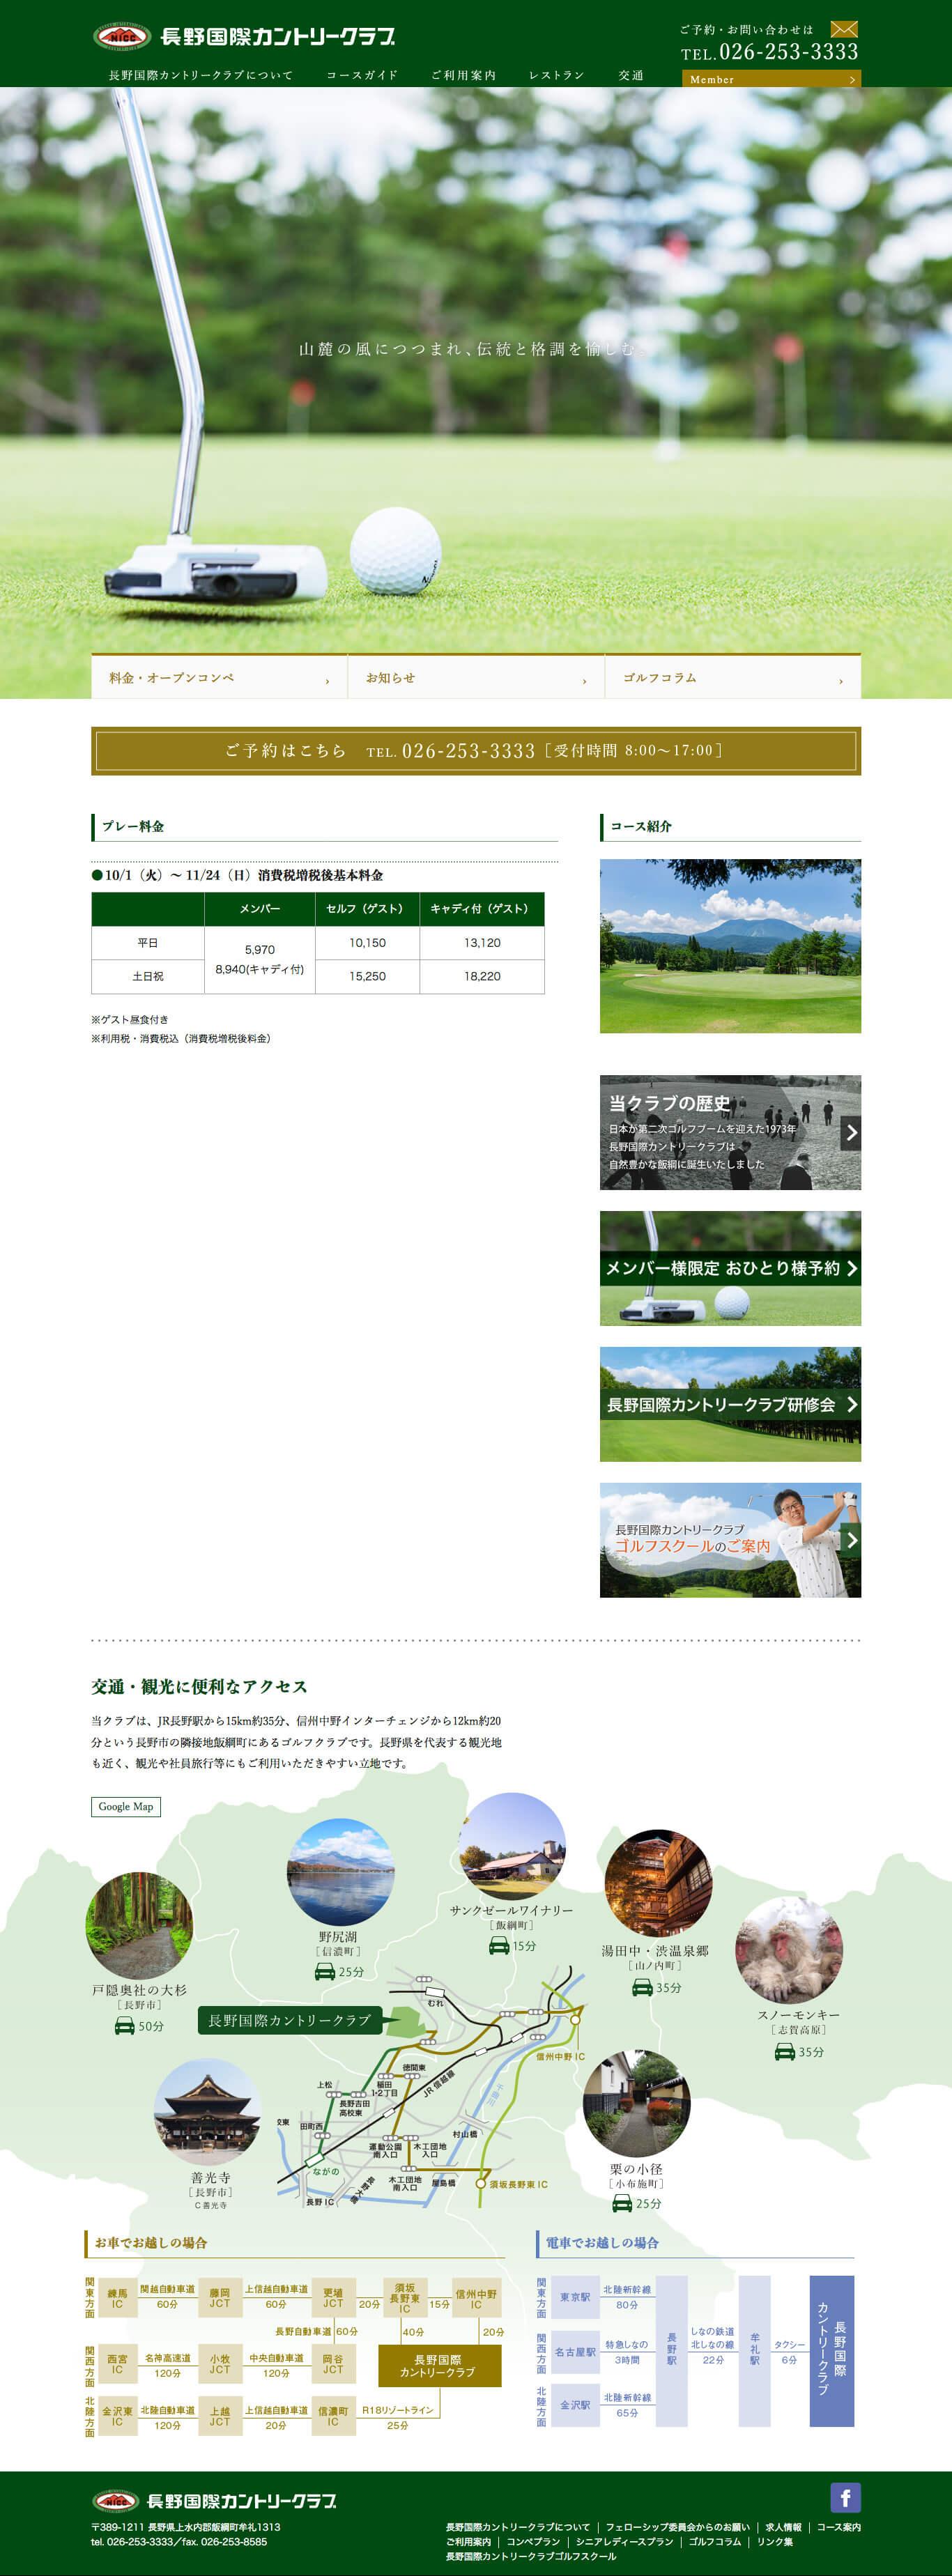 長野国際カントリークラブpcイメージ